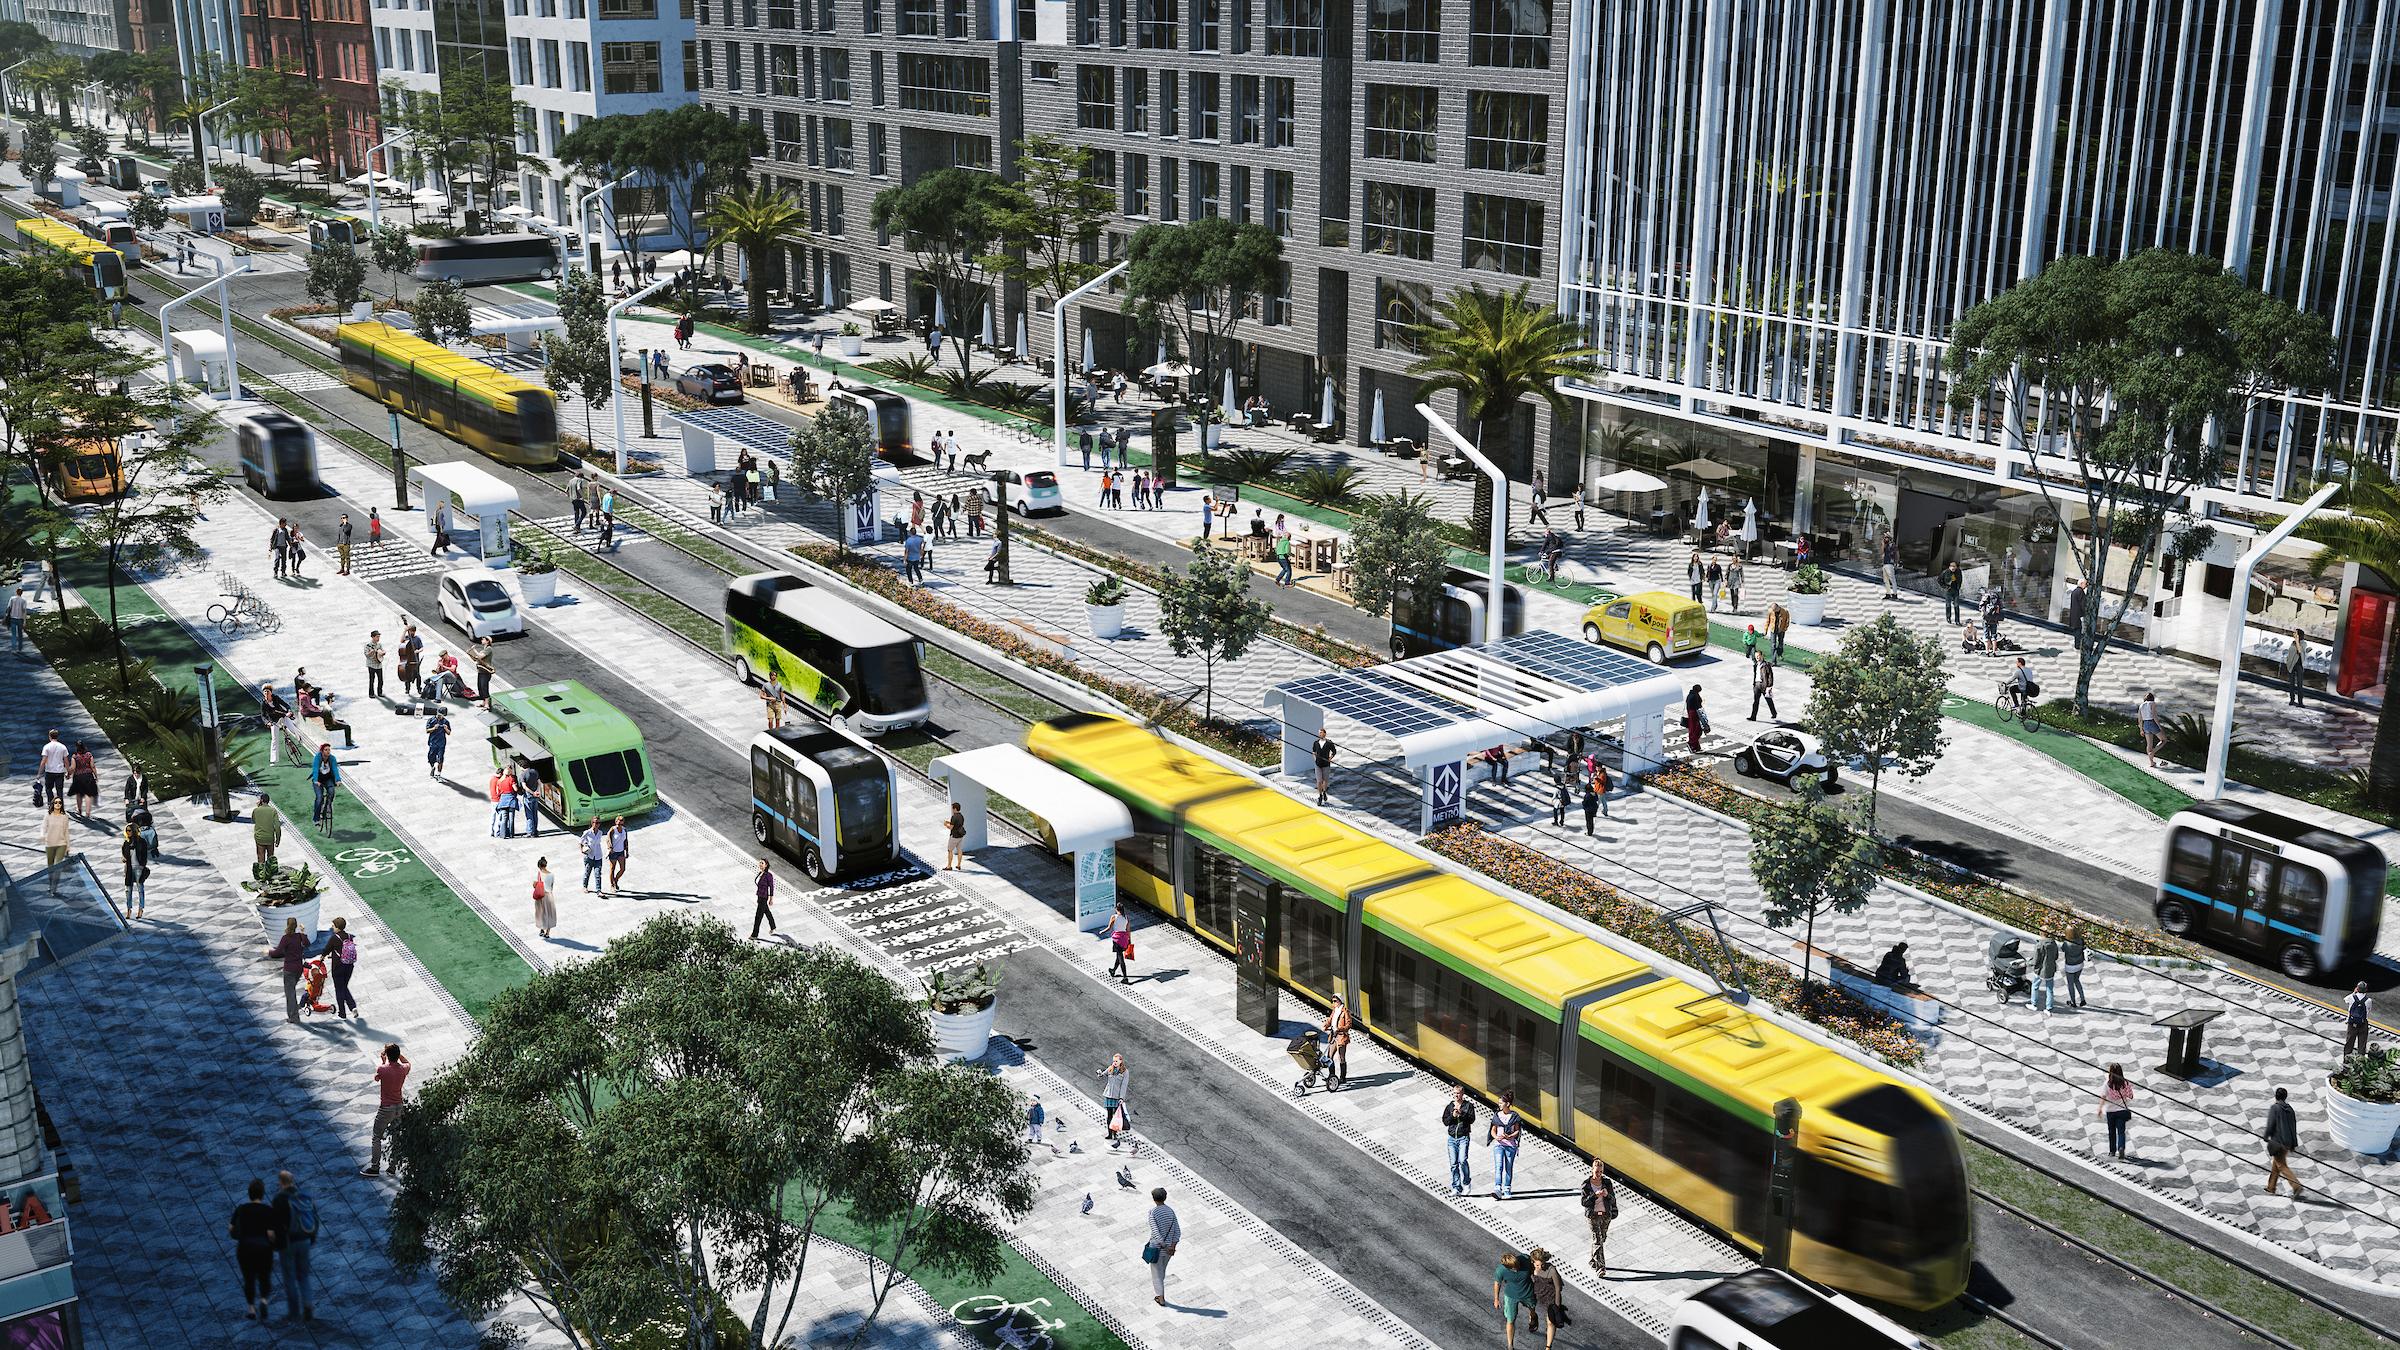 Rendering for autonomous urbanism